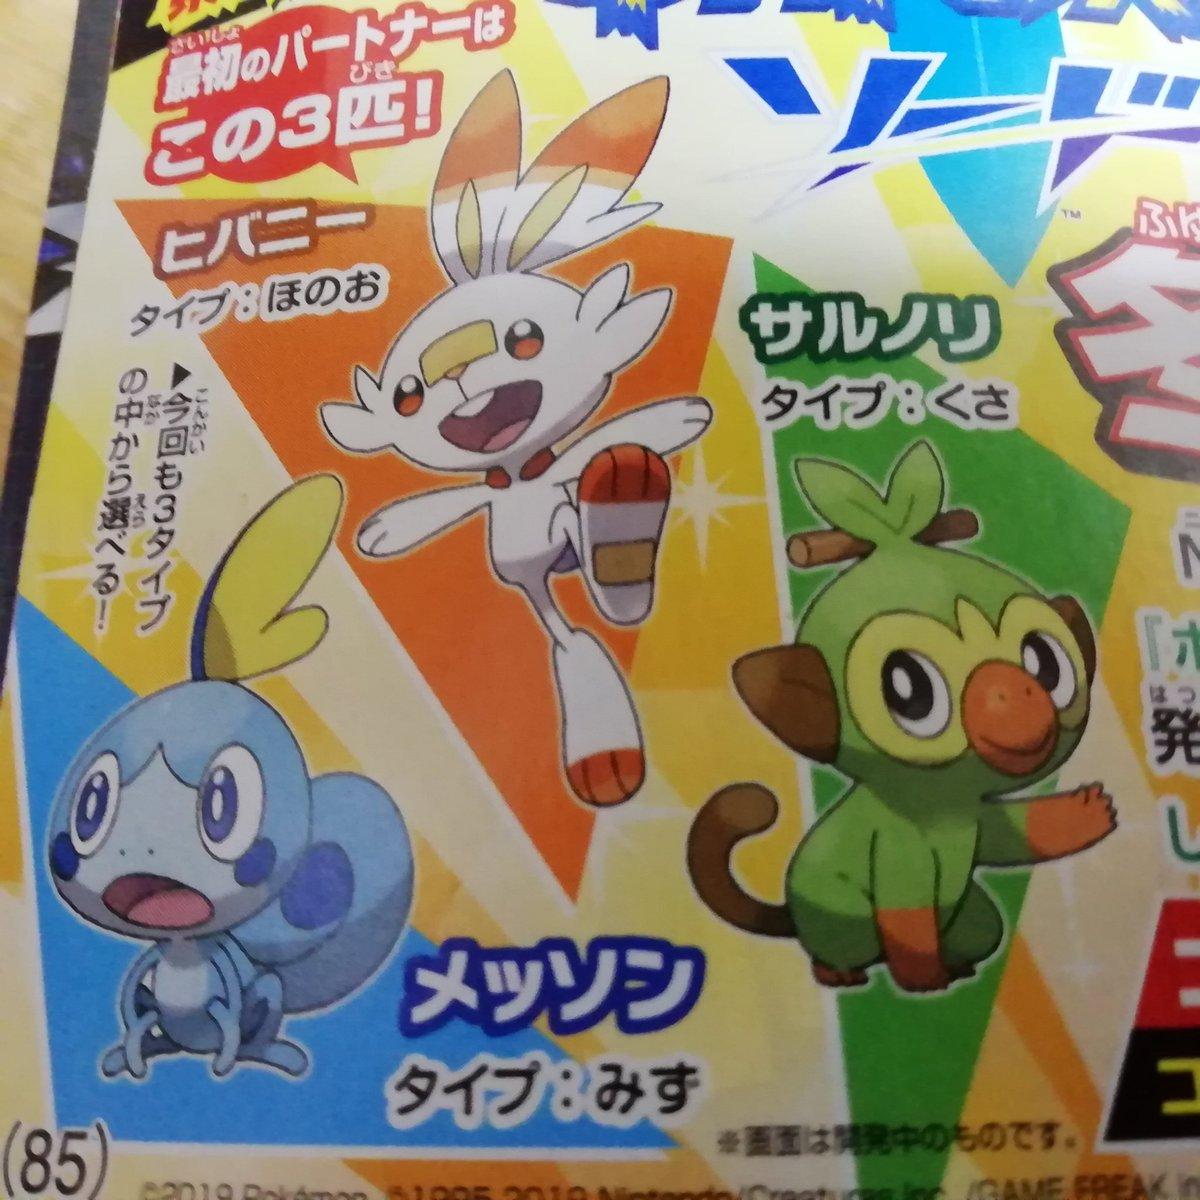 Corocoro Confirms New Pokemon Sword And Shield Information In Future